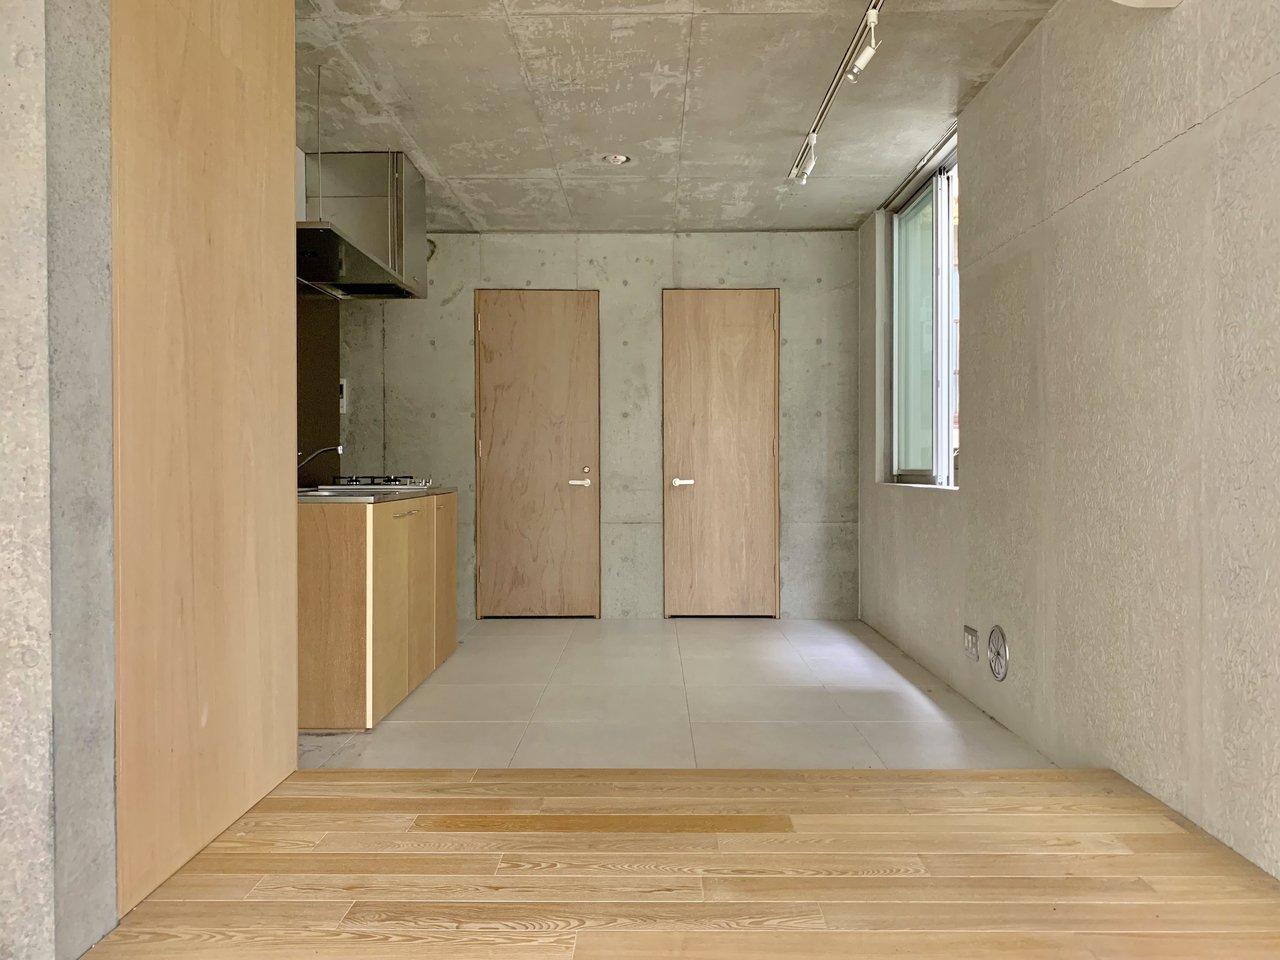 キッチンの部分は広い土間スタイルになっています。こういう部屋、ちょっと住んでみたいんですよね